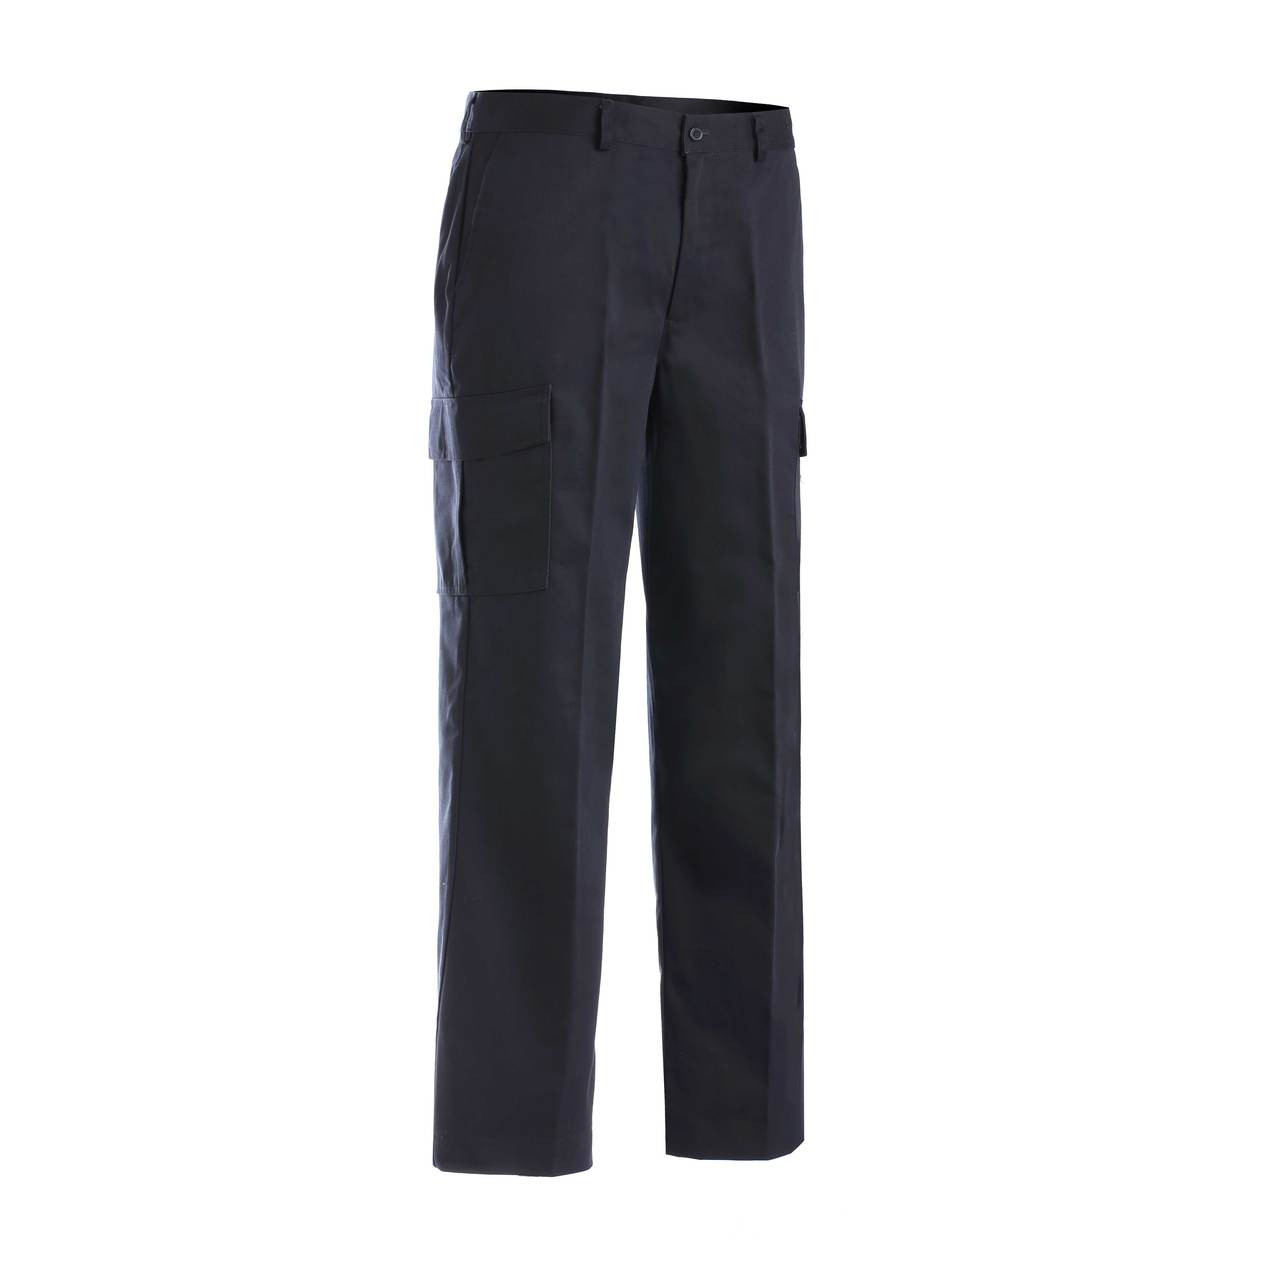 Men's Value Uniform Cargo Pants CLOSEOUT No Returns